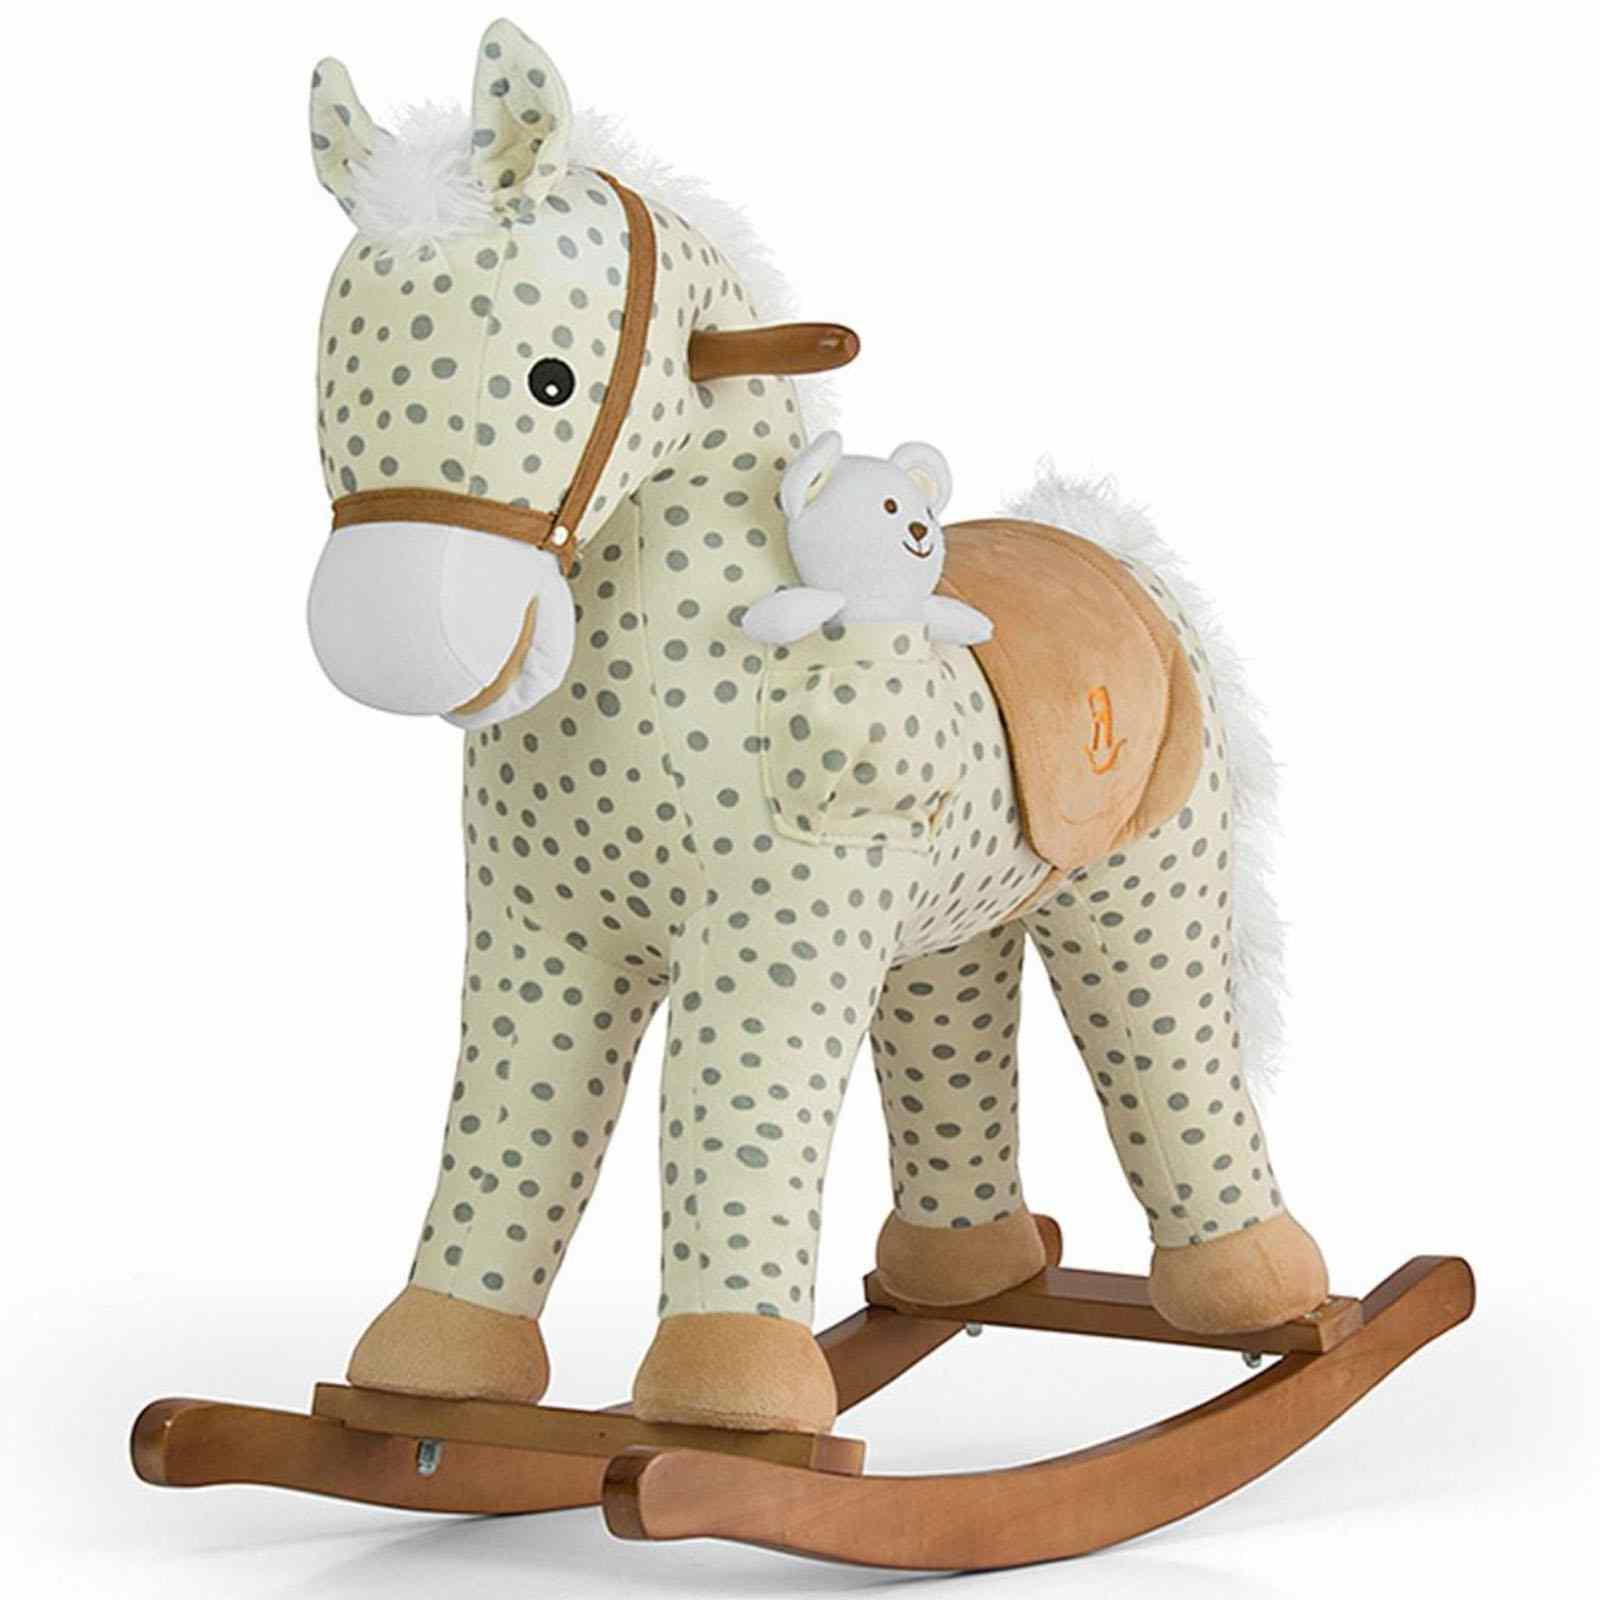 Houpací koník s melodií Milly Mally Pony - Gray Dot - béžová